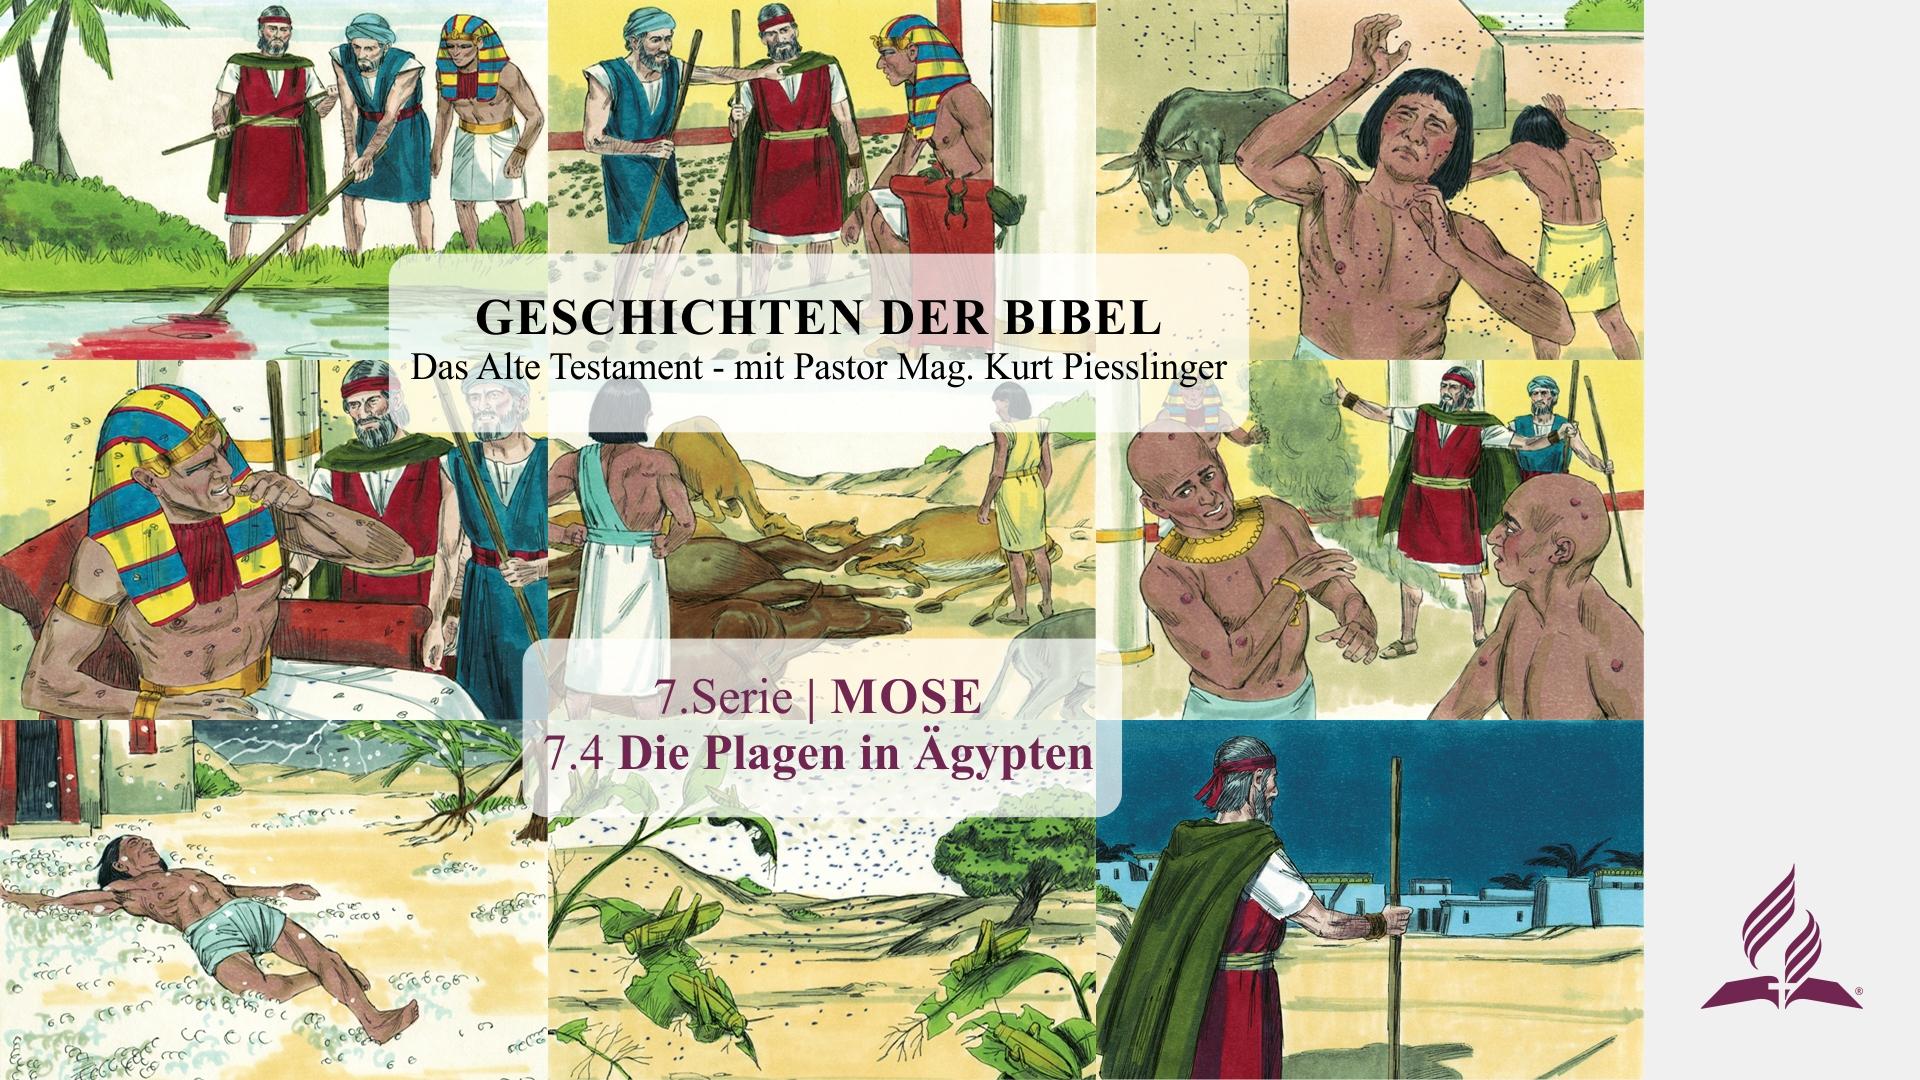 GESCHICHTEN DER BIBEL: 7.4 Die Plagen in Ägypten – 7.MOSE | Pastor Mag. Kurt Piesslinger